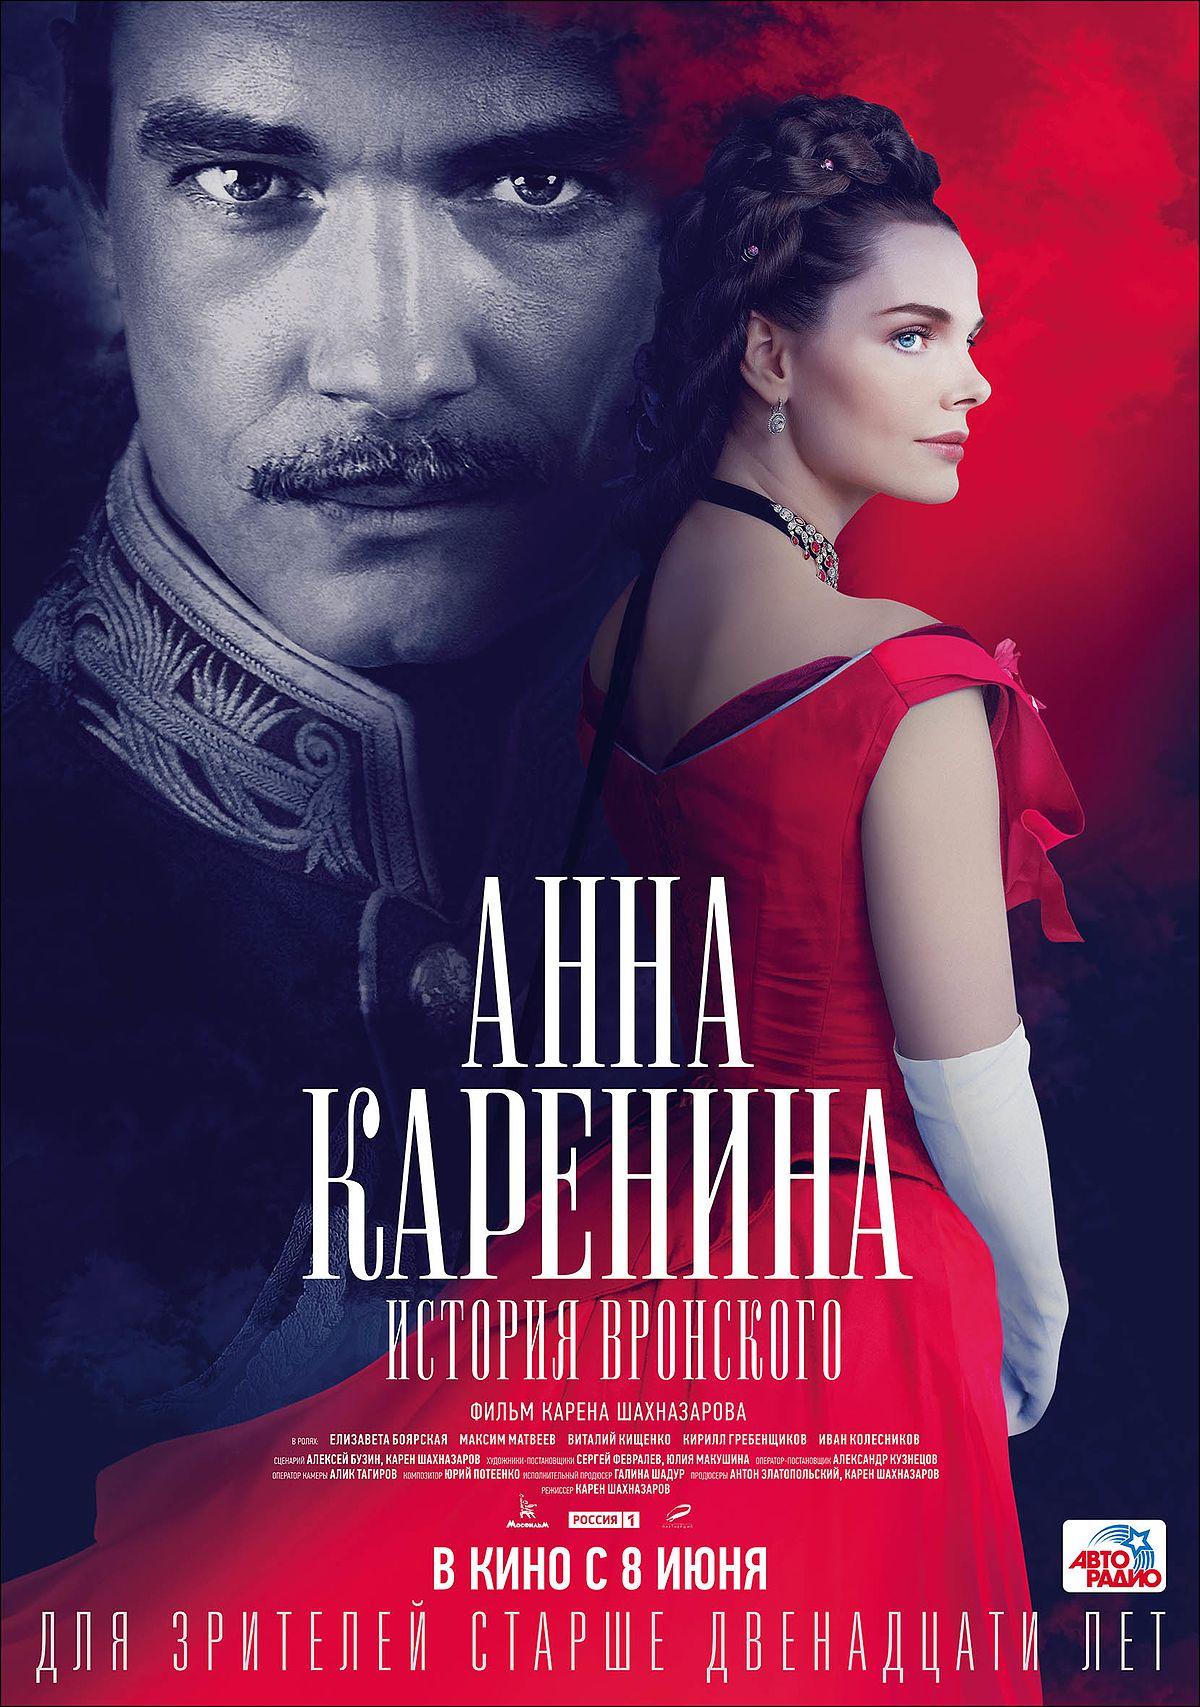 Анна Каренина. История Вронского — Википедия